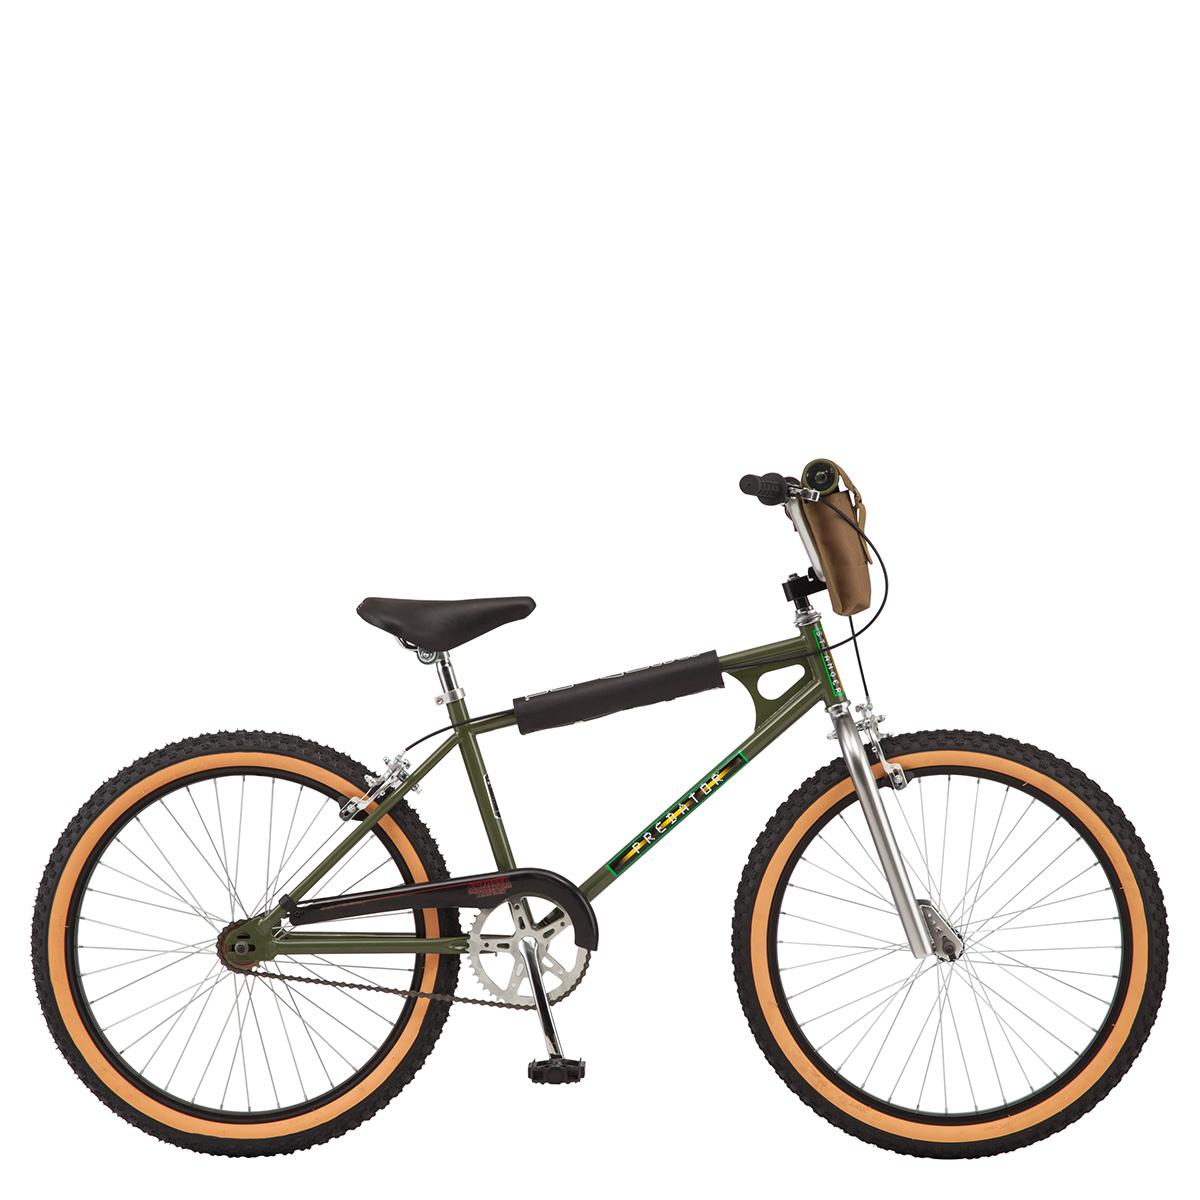 SCHWINN STRANGER THINGS MAX シュウィン ストレンジャー シングス ルーカス BMX 自転車 24インチ ストリート フリースタイル グリーン S3042WMDS